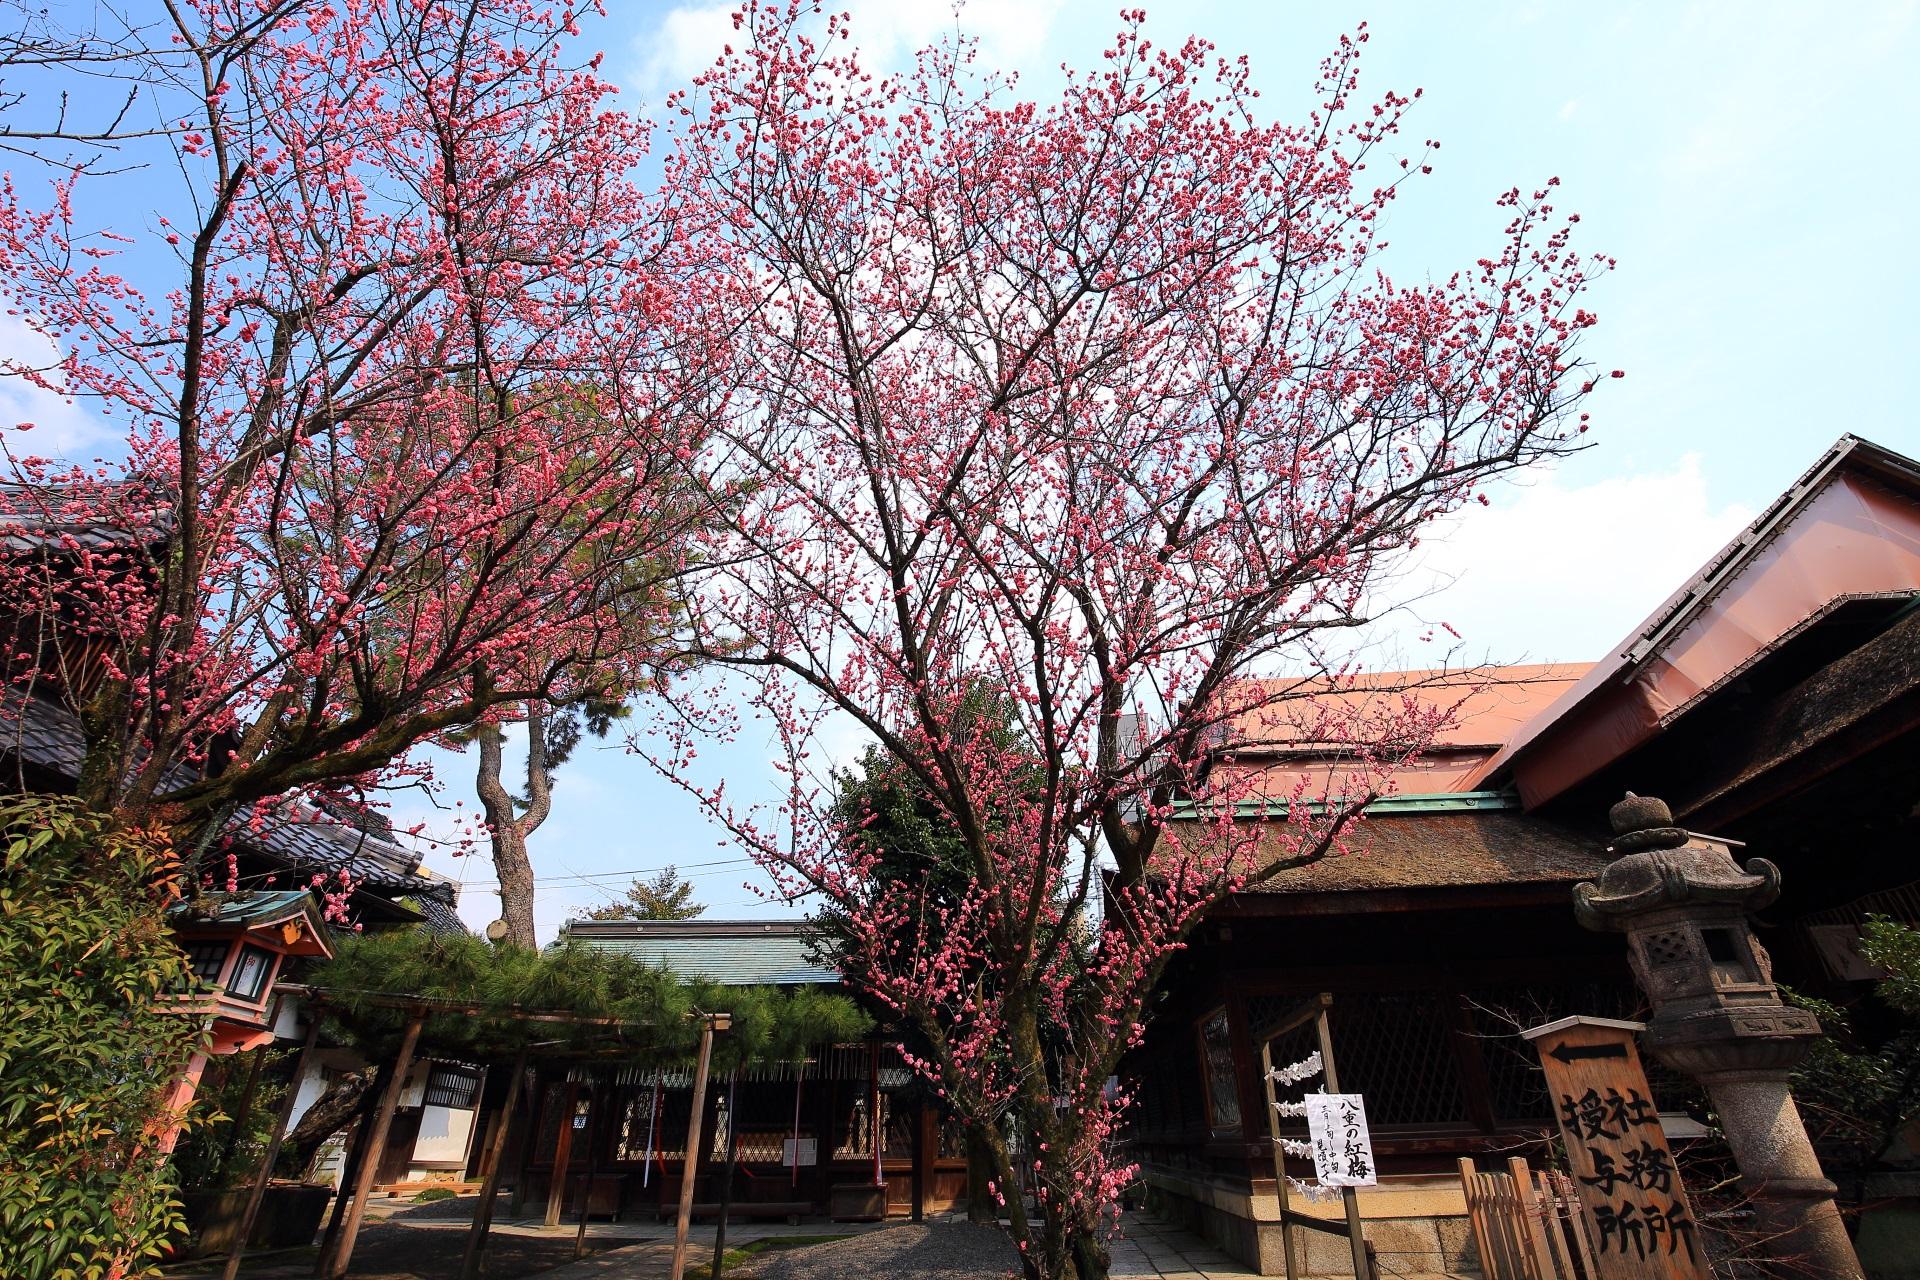 下御霊神社の素晴らしい梅と情景